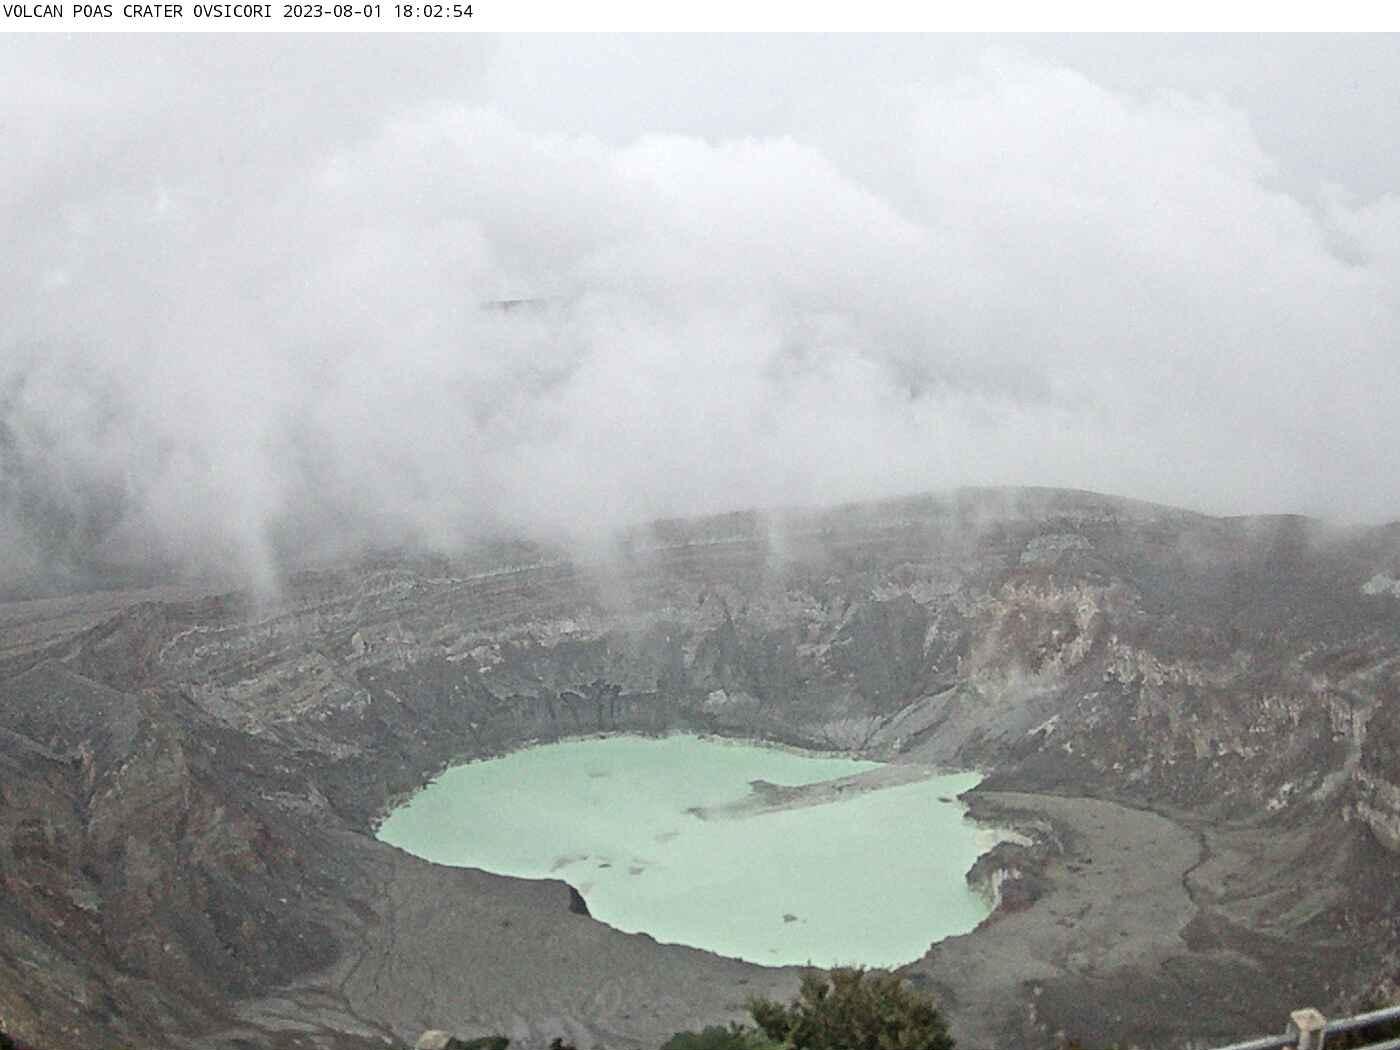 Poás: Cráter